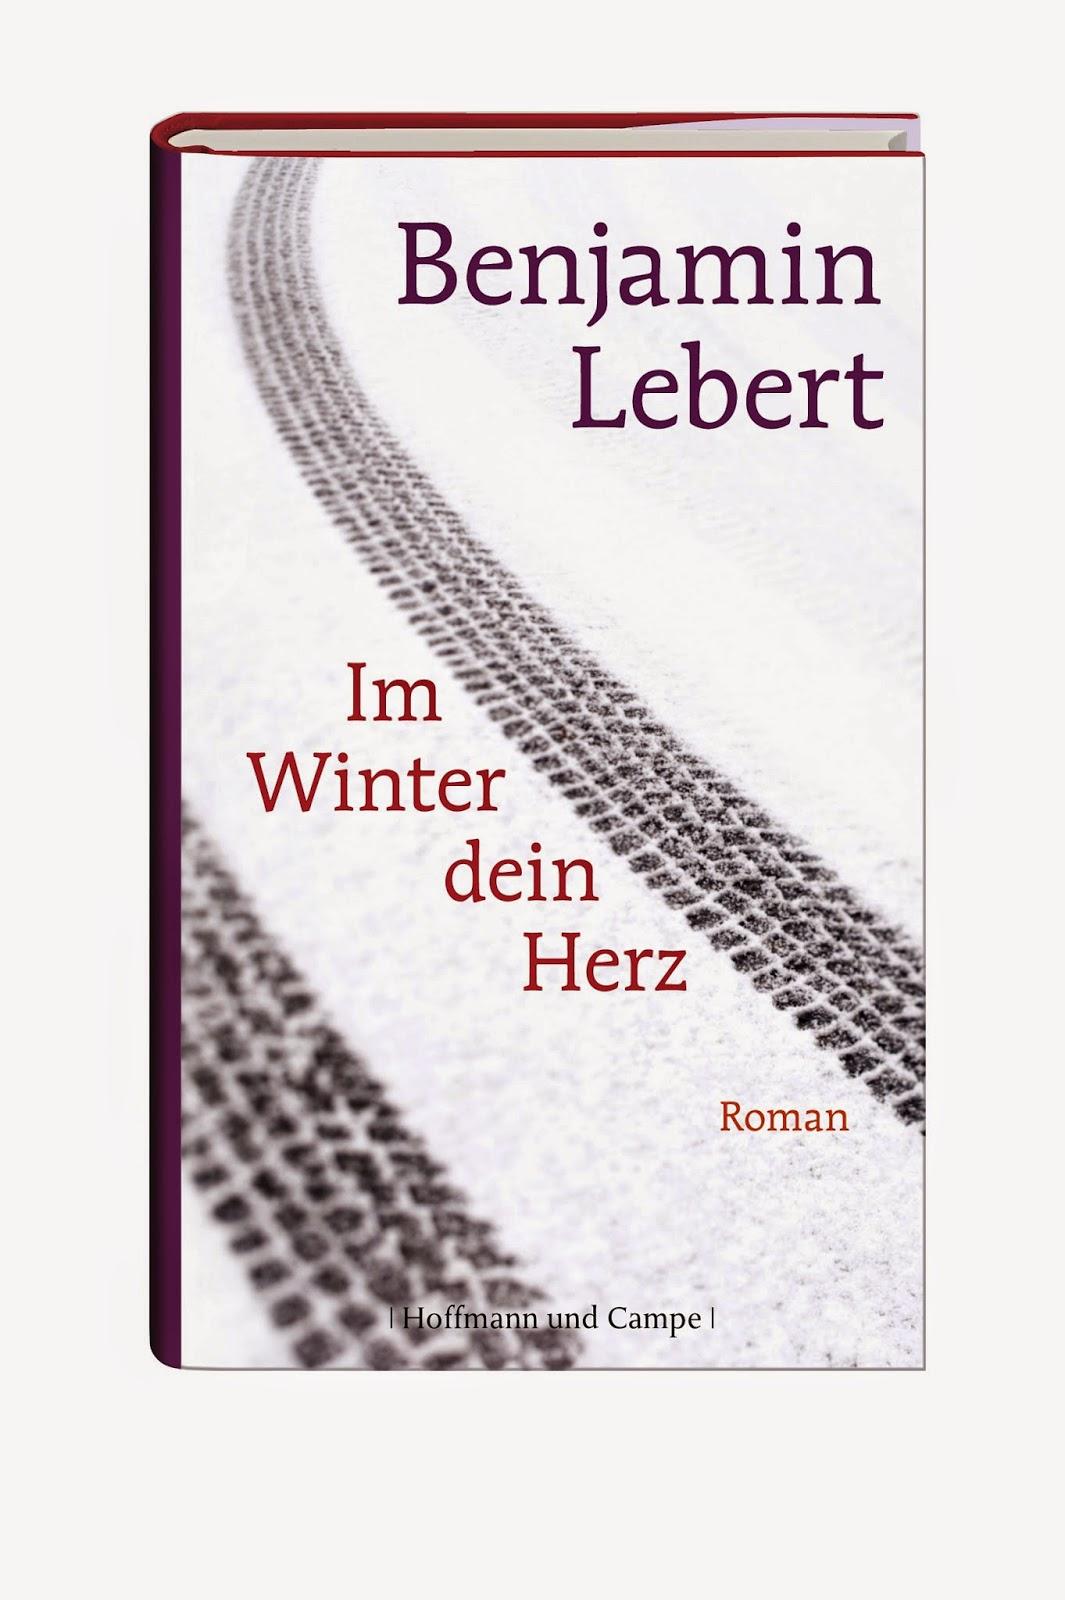 http://www.hoffmann-und-campe.de/buch-info/im-winter-dein-herz-buch-2432/